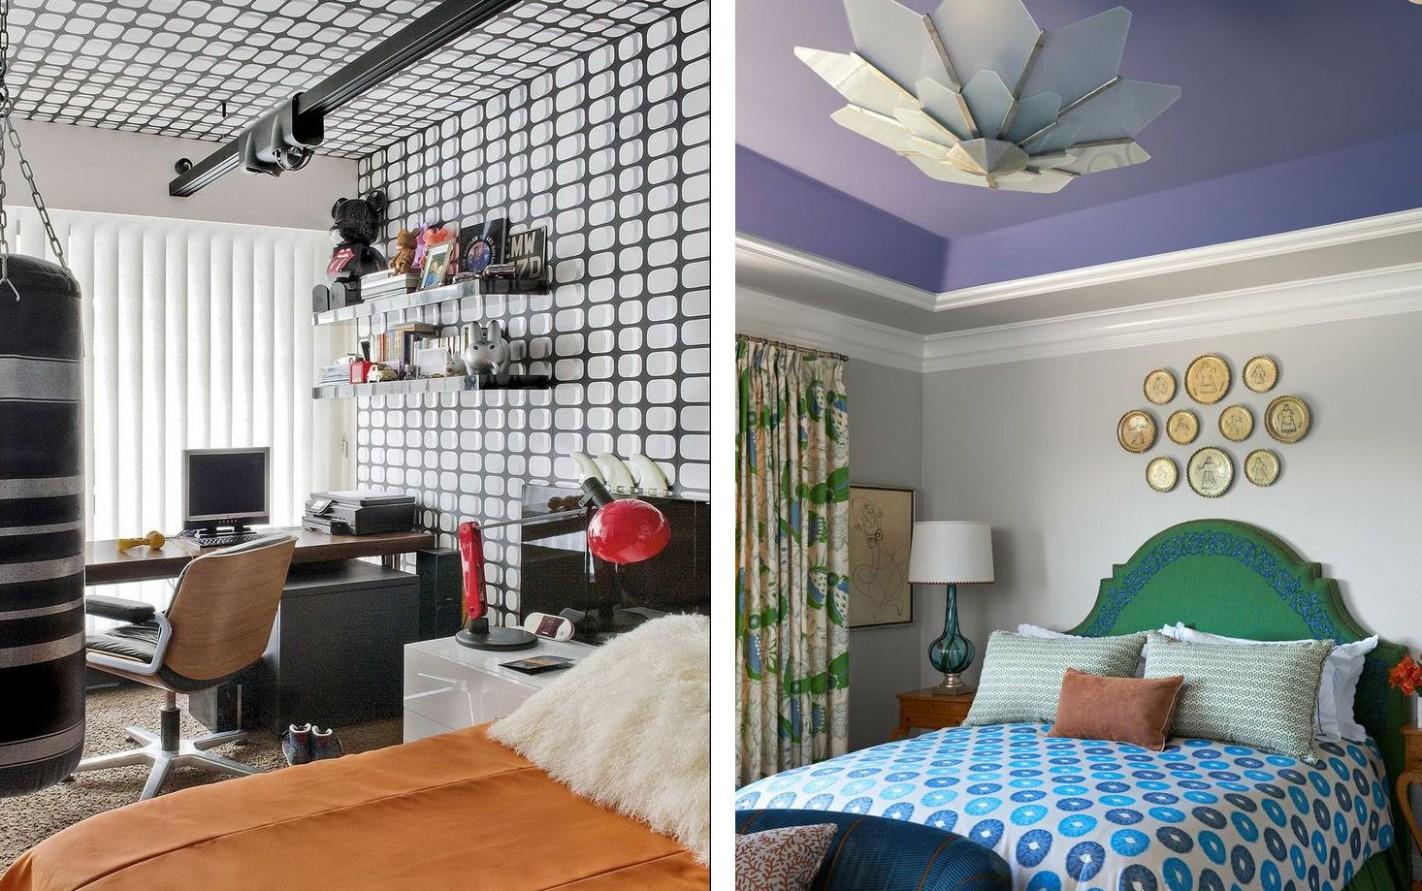 11 Stylish Teen Room Ideas - Creative Teen Bedroom Photos - Bedroom Ideas For Teens